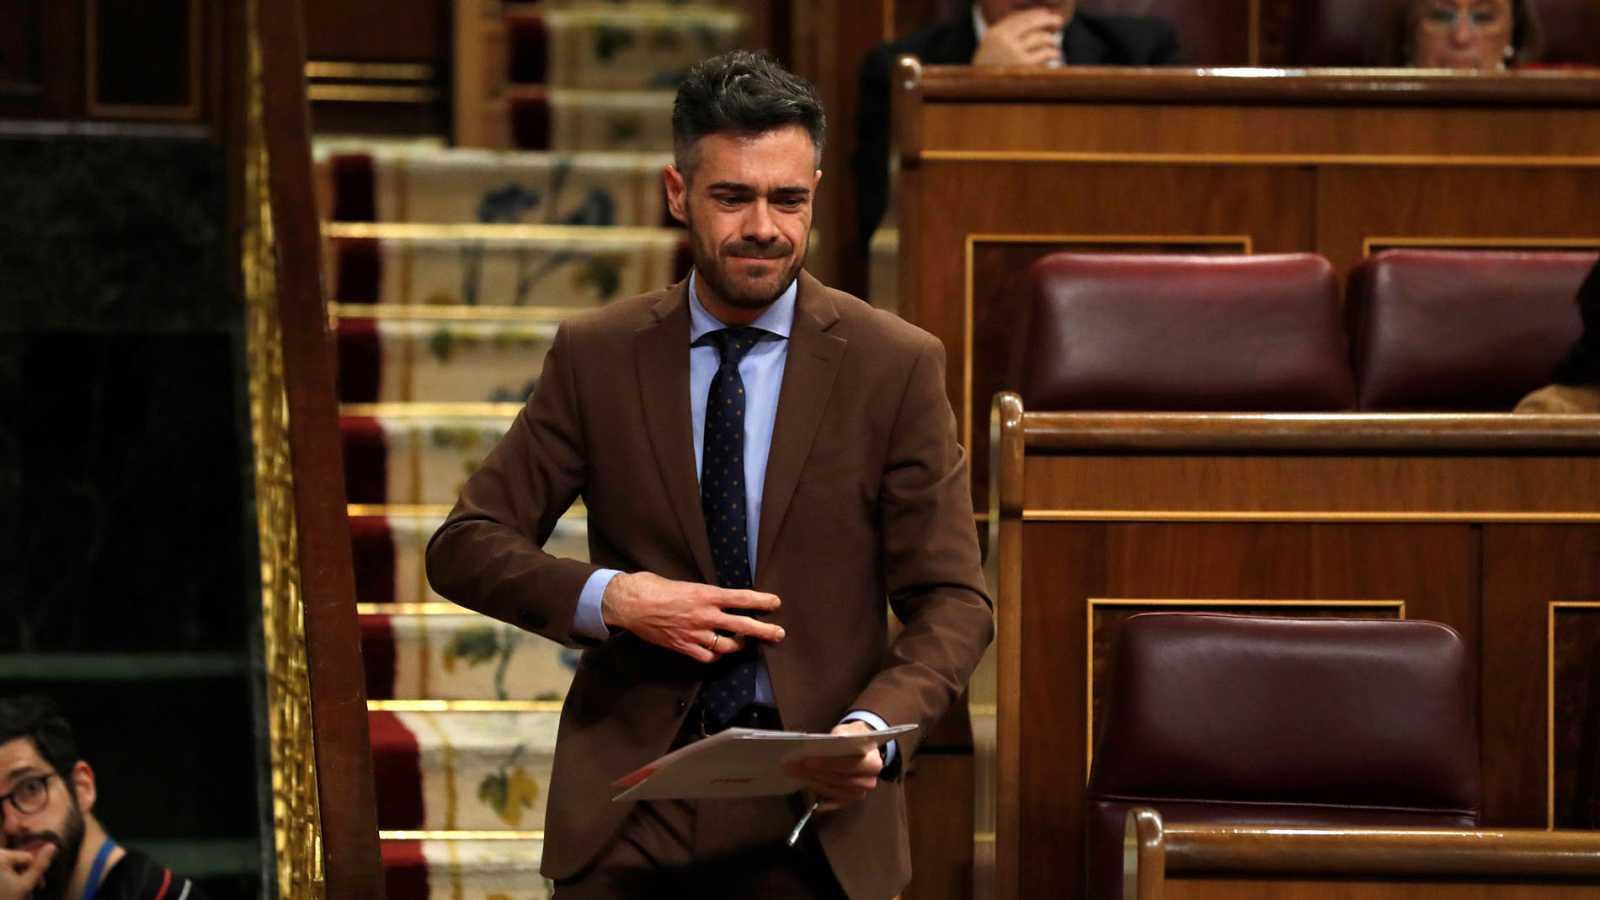 """Sicilia (PSOE): """"No tiene lógica que en un país democrático pueda exaltarse a un dictador"""""""